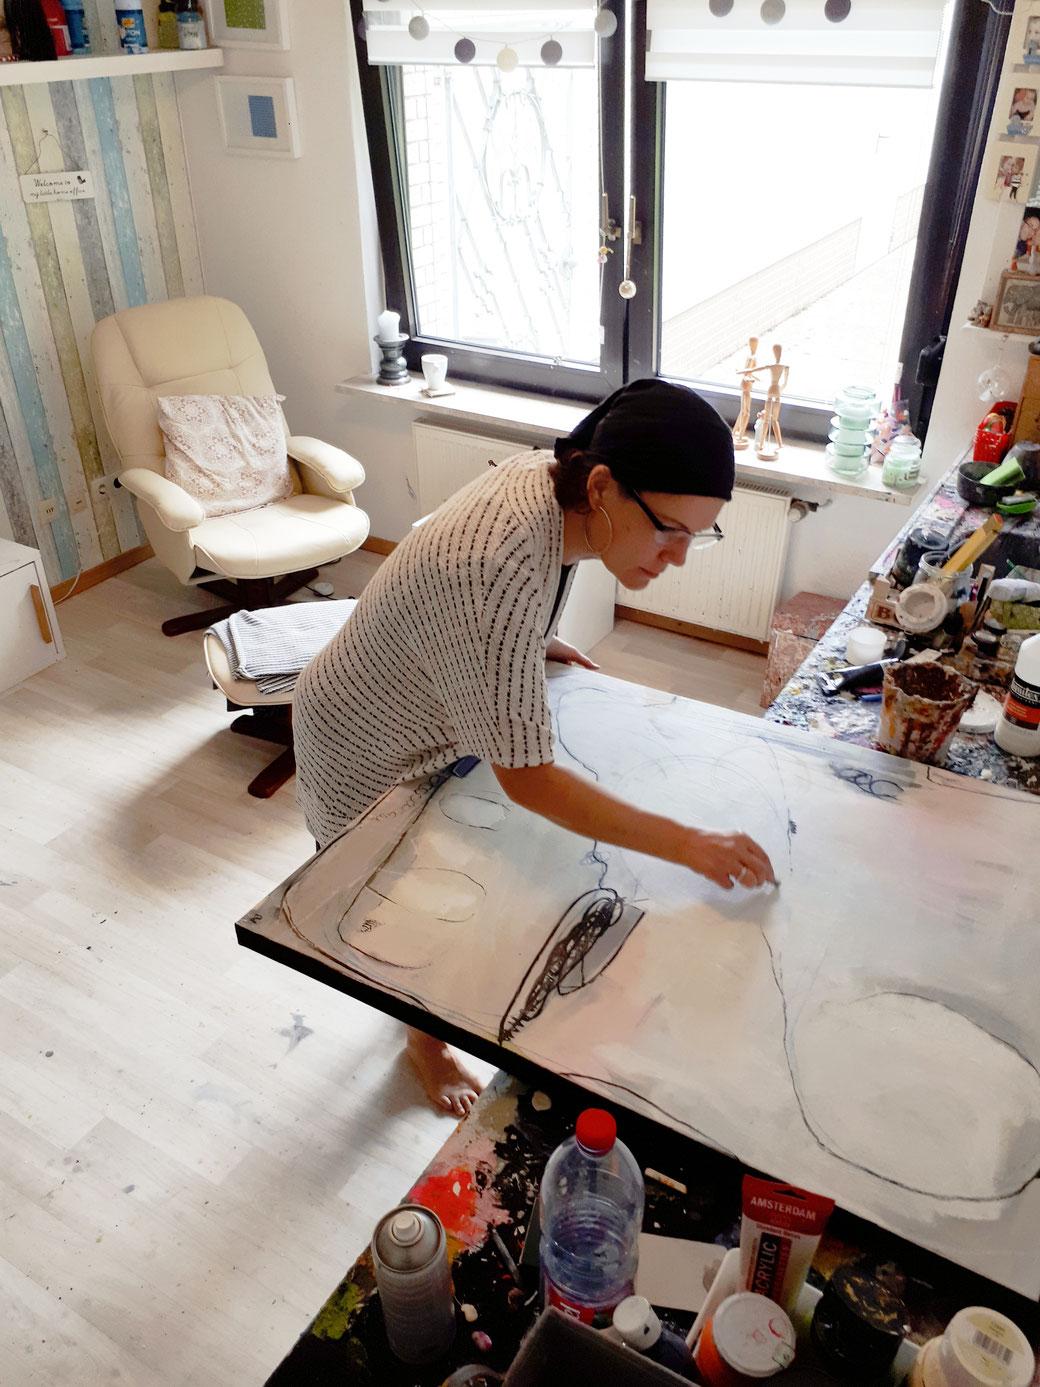 Abstraktes Gemälde weiss, beige rosa - Künstlerin im Atelier